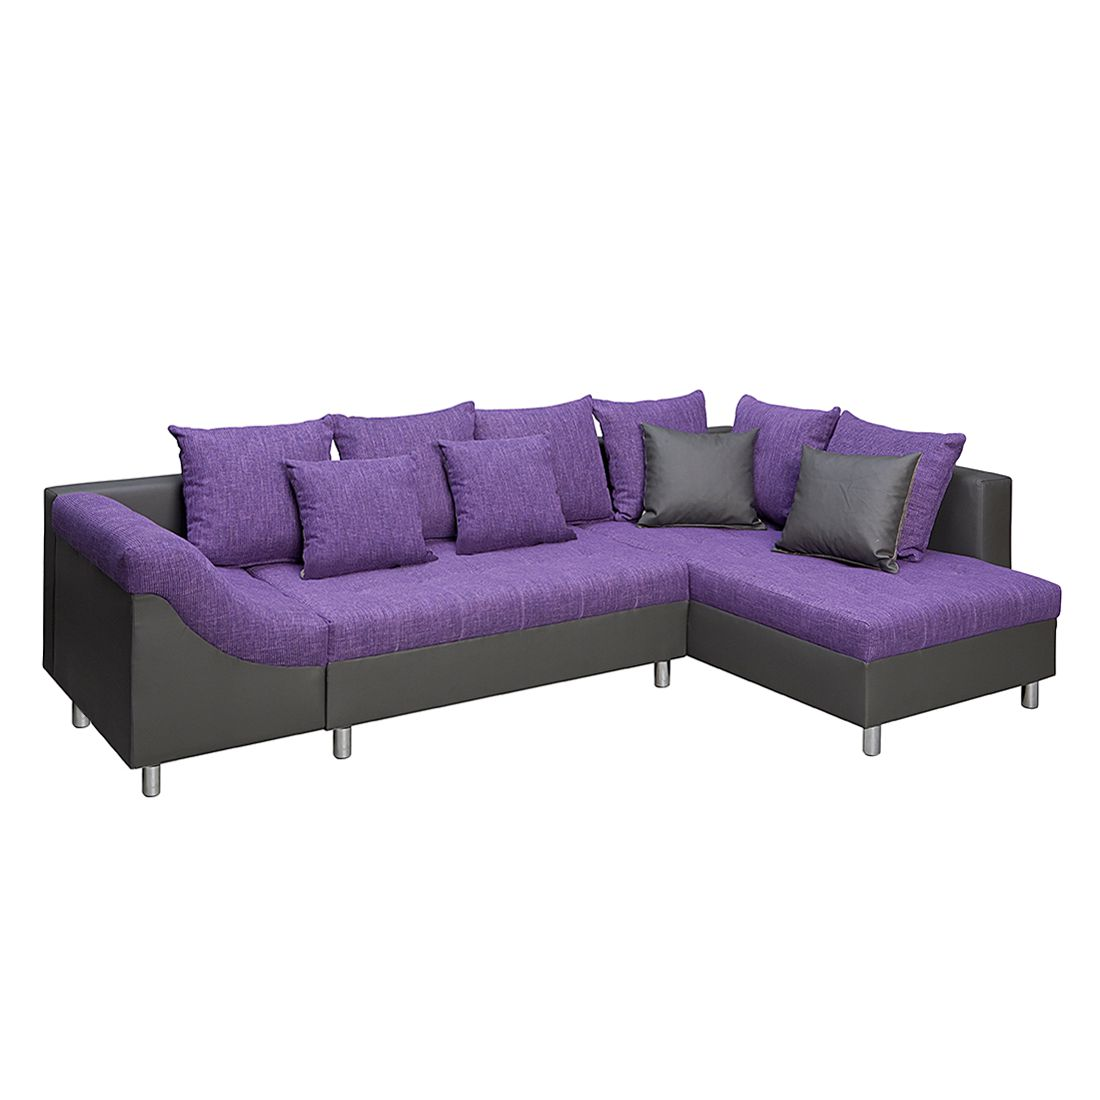 ecksofa andalus 3 sitzer webstoff lila meliert kunstleder schwarz ottomane davorstehend. Black Bedroom Furniture Sets. Home Design Ideas